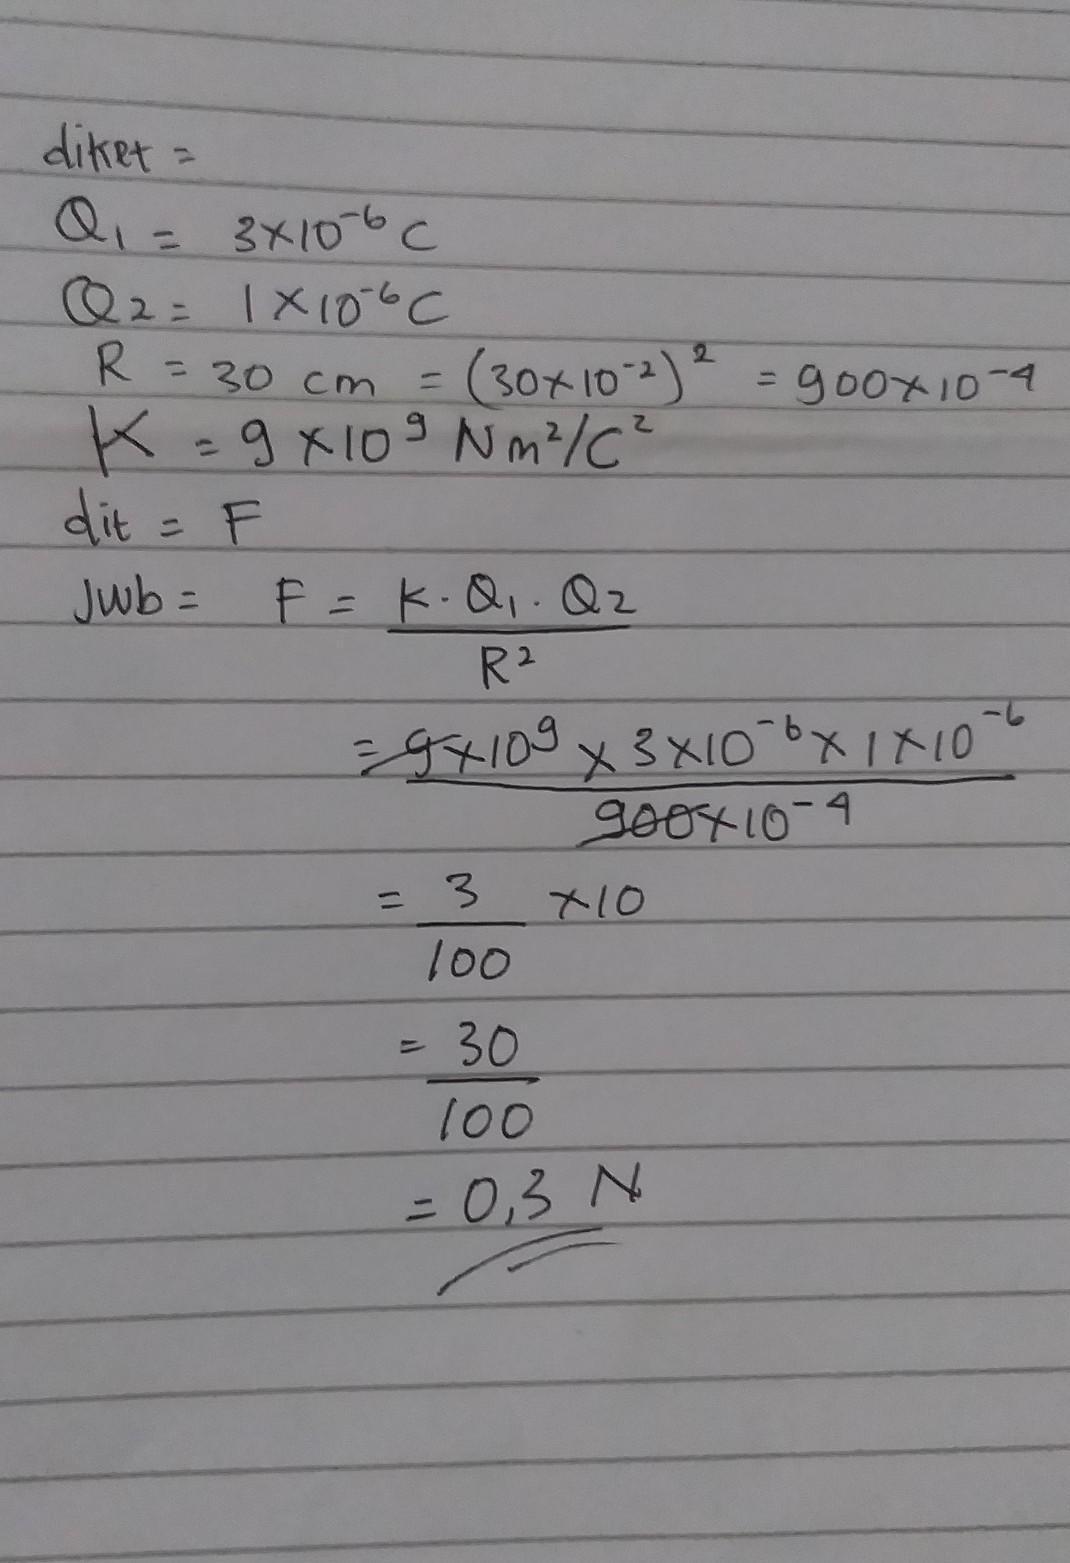 Dua benda bermuatan masing-masing 3 x 10-6 C dan 1 x 10-6 ...